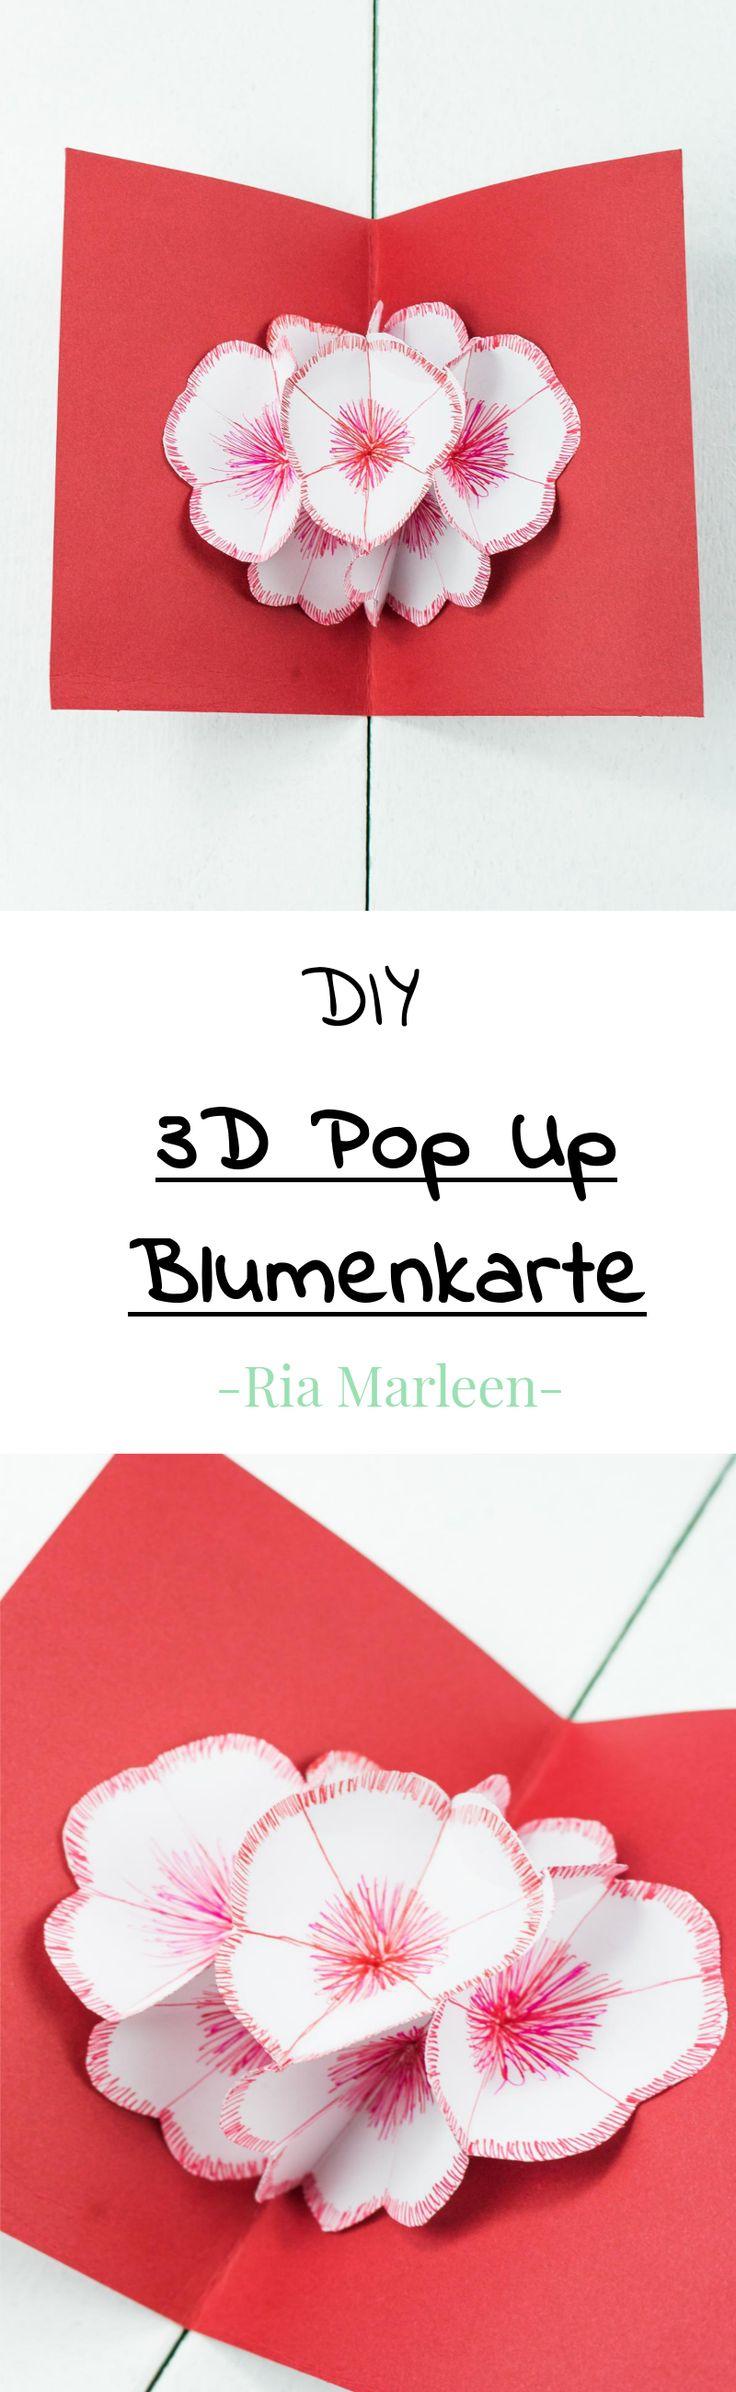 3D Pop Up Blumenkarte Basteln   Schönes DIY Geschenk Aus Papier